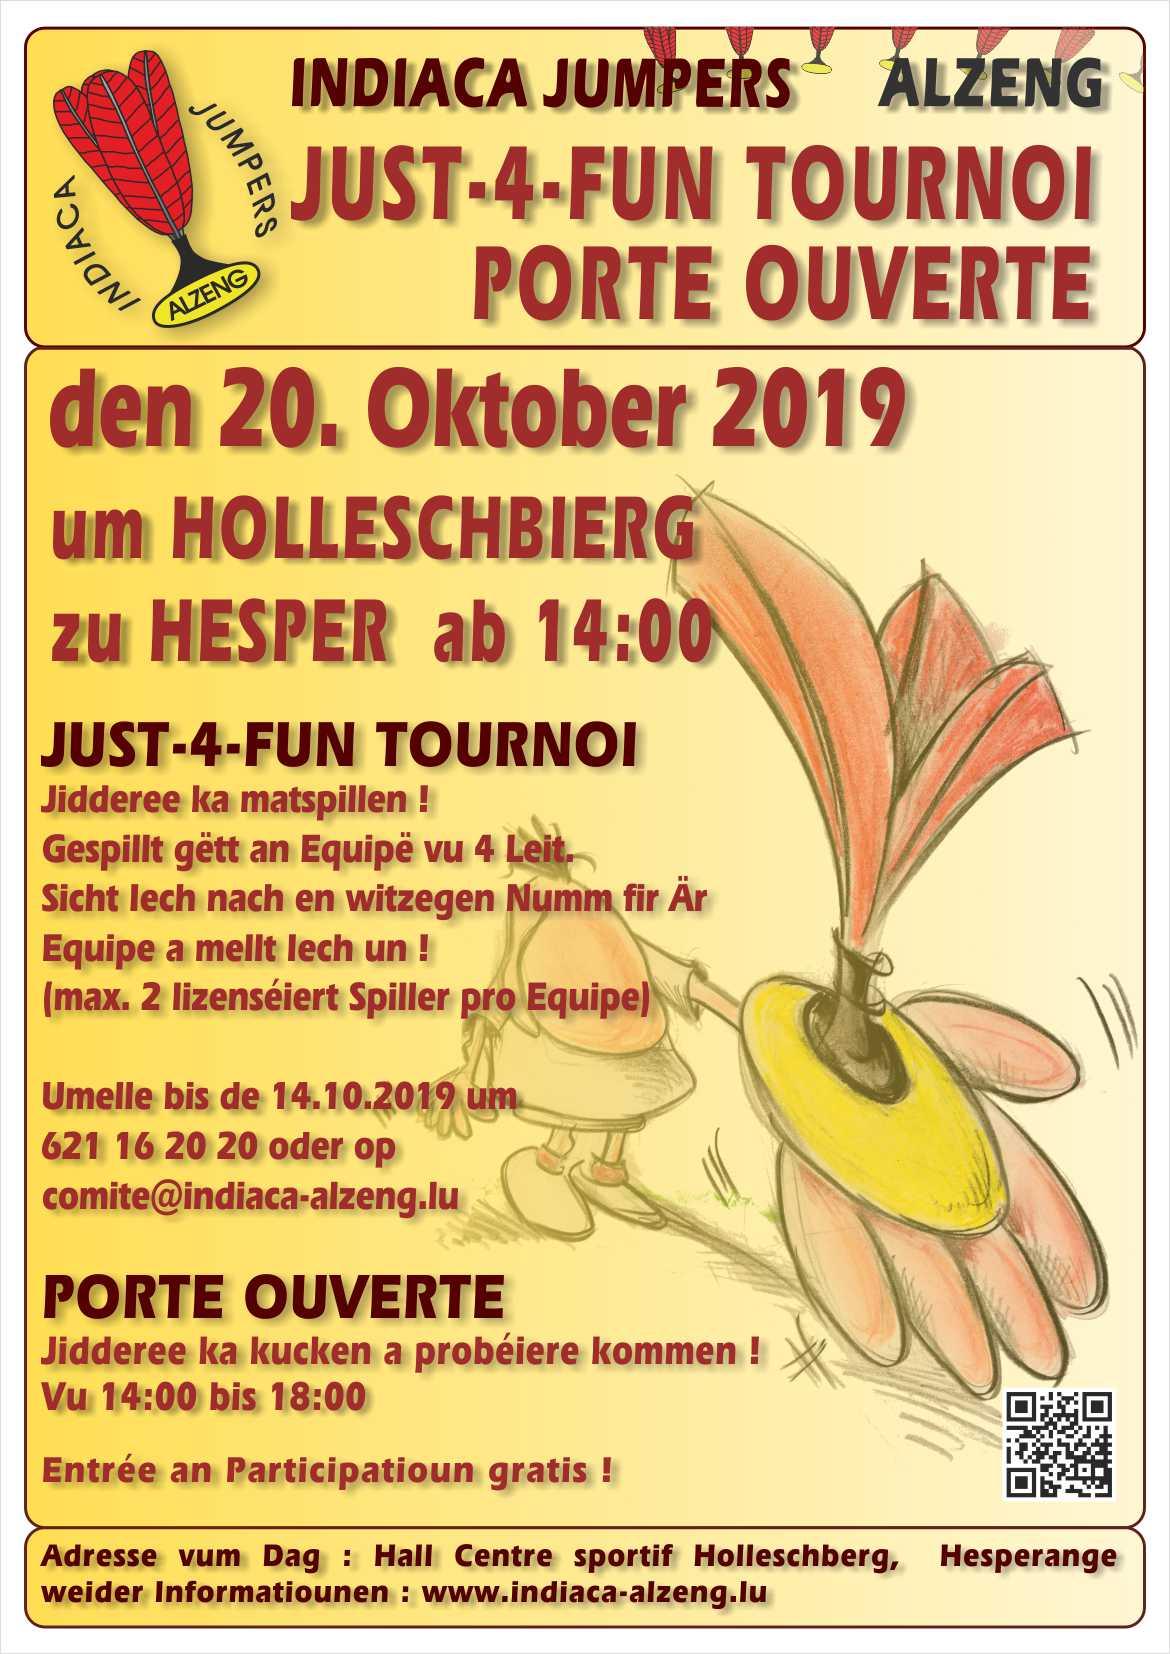 Just 4 Fun Tournoi an Porte ouverte